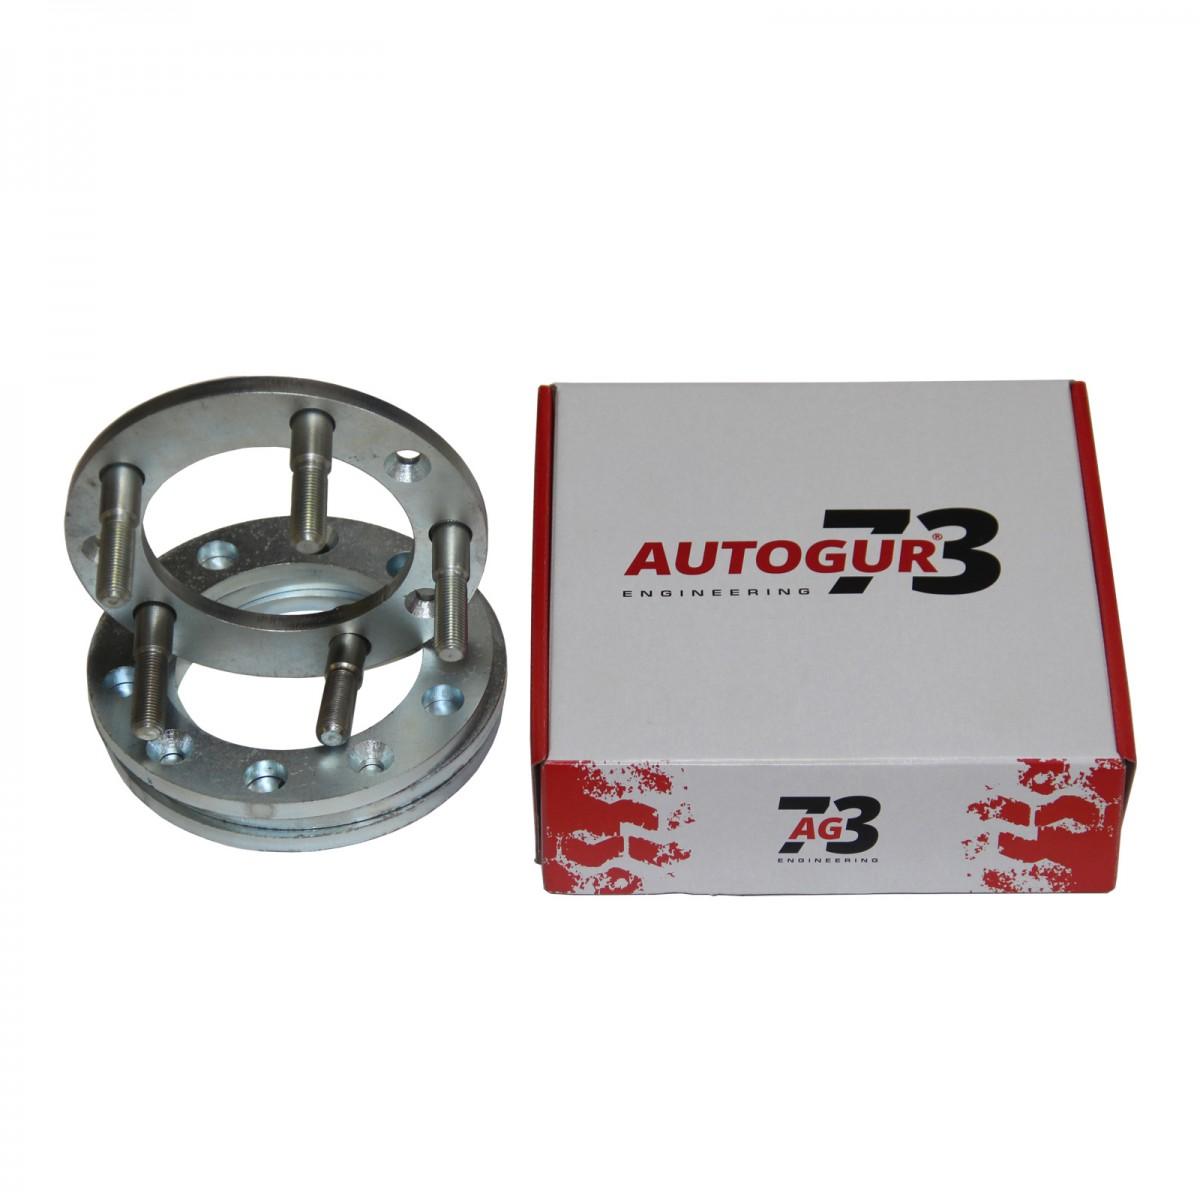 Расширители колеи УАЗ (колесные проставки) 10 мм (сталь) 4 шт